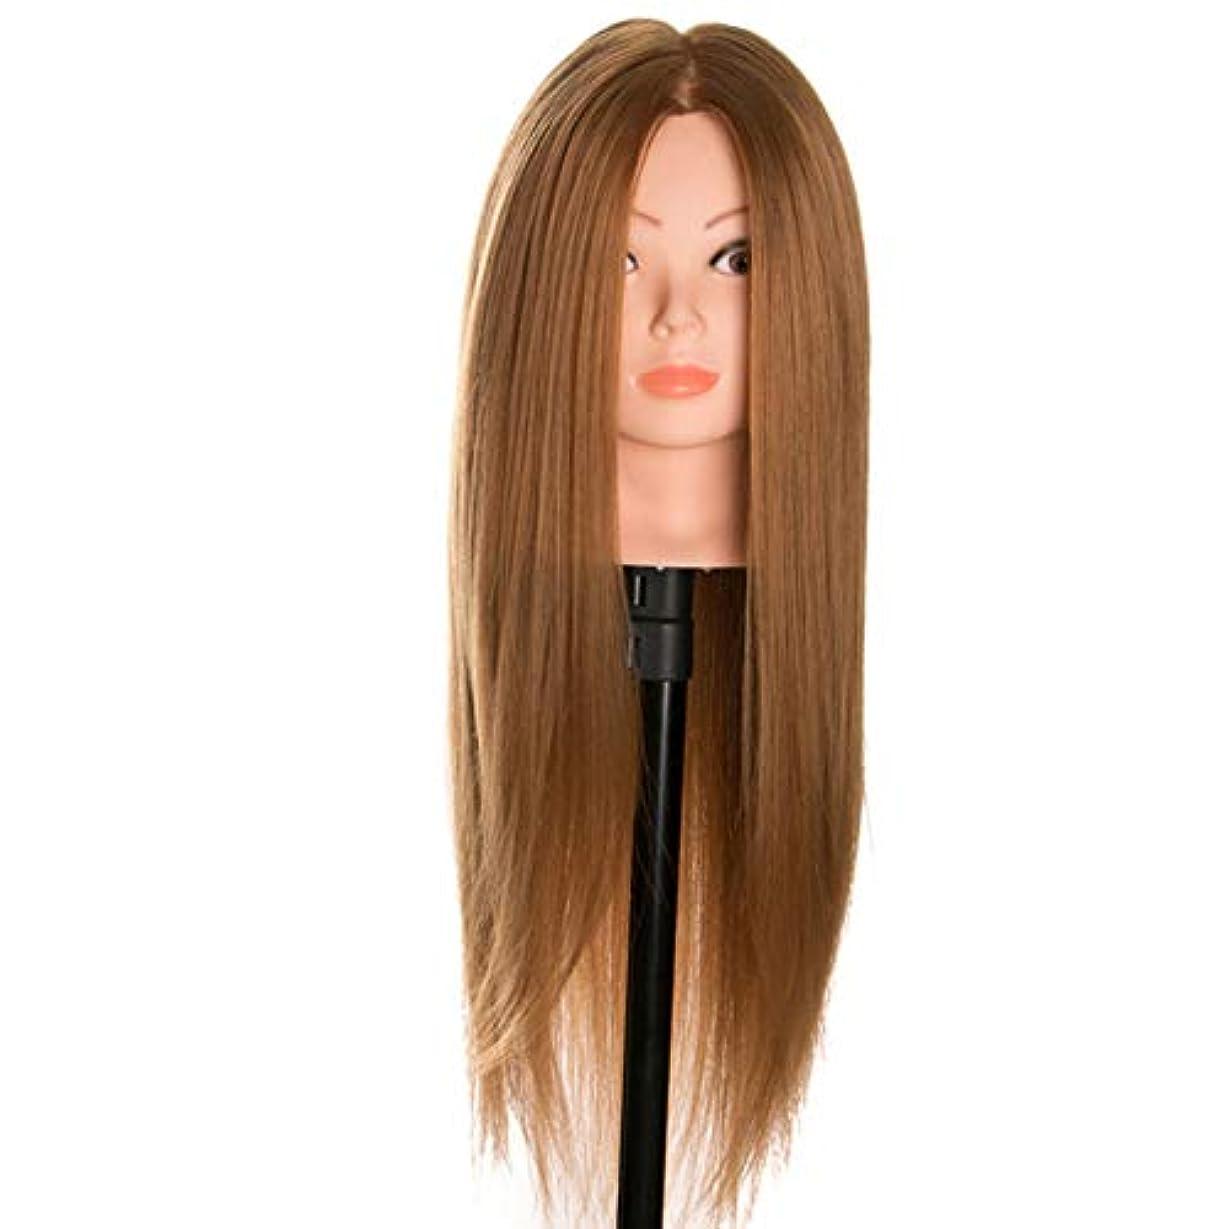 キャベツホームレス溝メイクディスクヘアスタイリング編み教育ダミーヘッド理髪ヘアカットトレーニングかつらサロンエクササイズヘッド金型3個